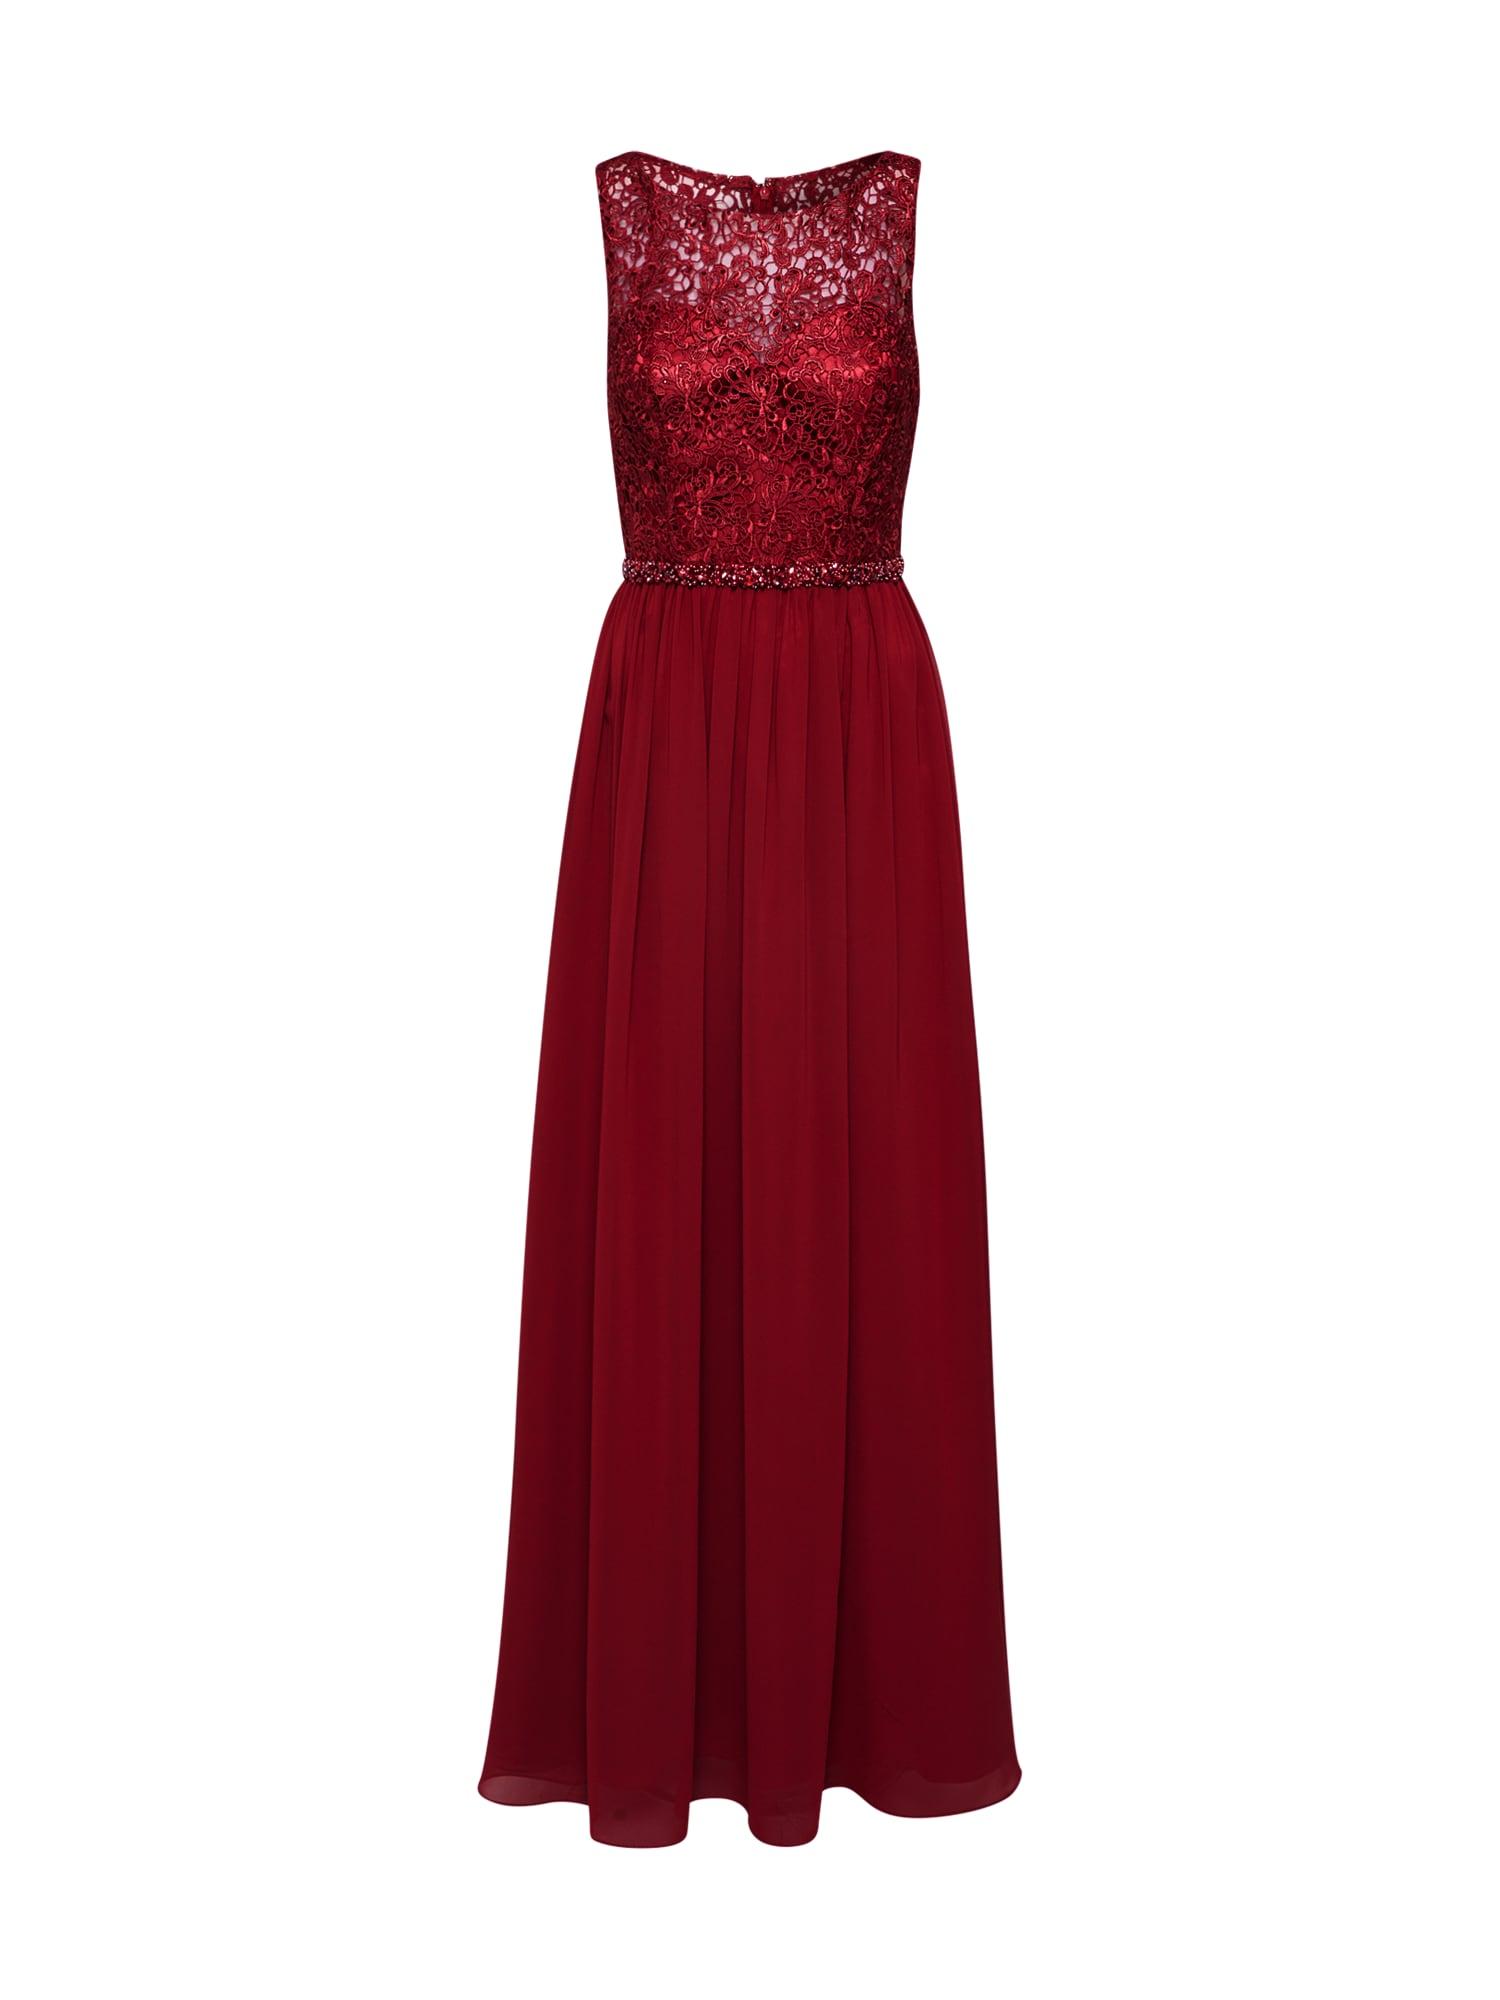 mascara Robe de soirée 'LACE TOP'  - Rouge - Taille: 38 - female